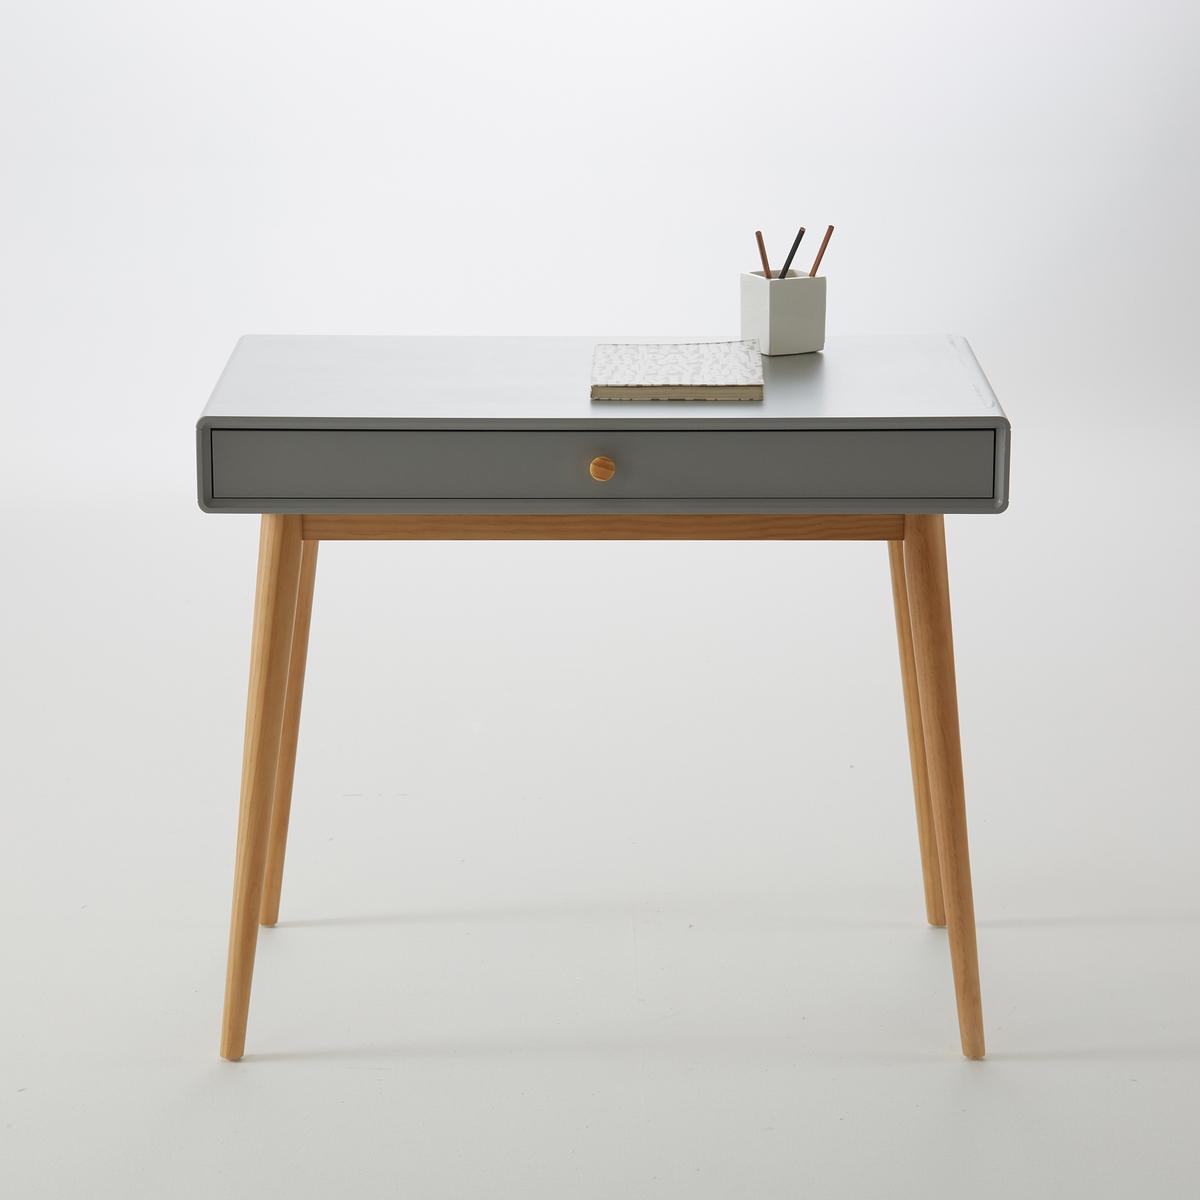 Стол La Redoute Письменный с ящиком JIMI единый размер серый